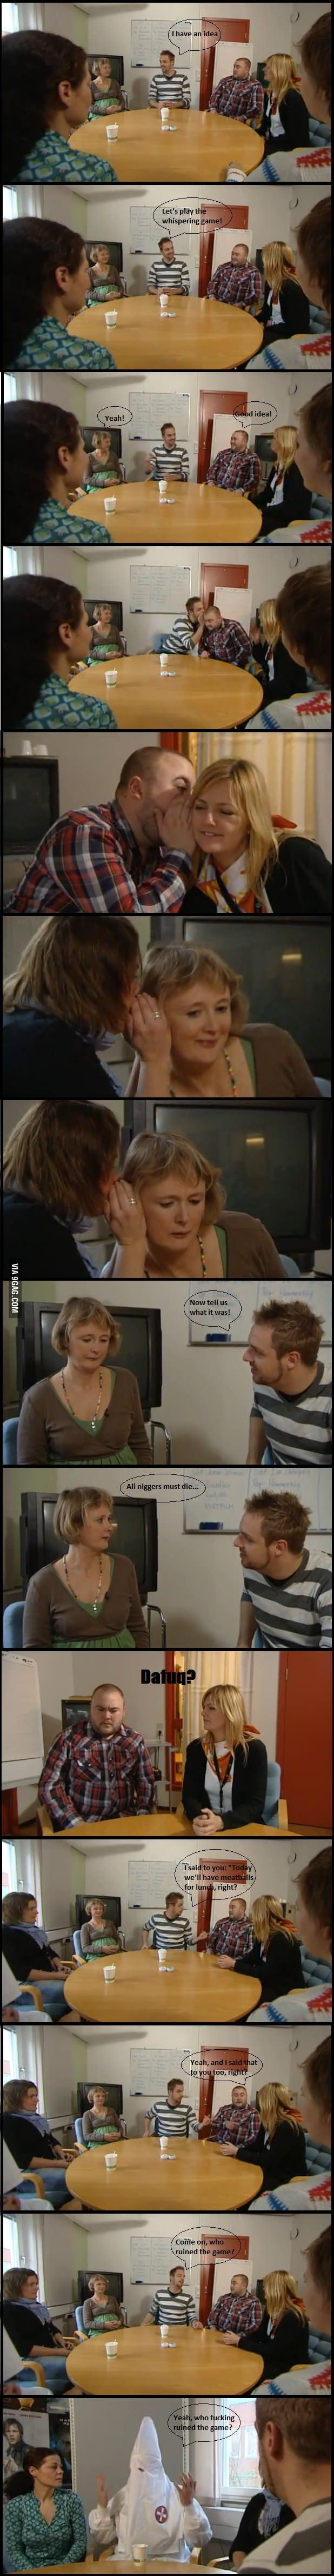 Whispering game